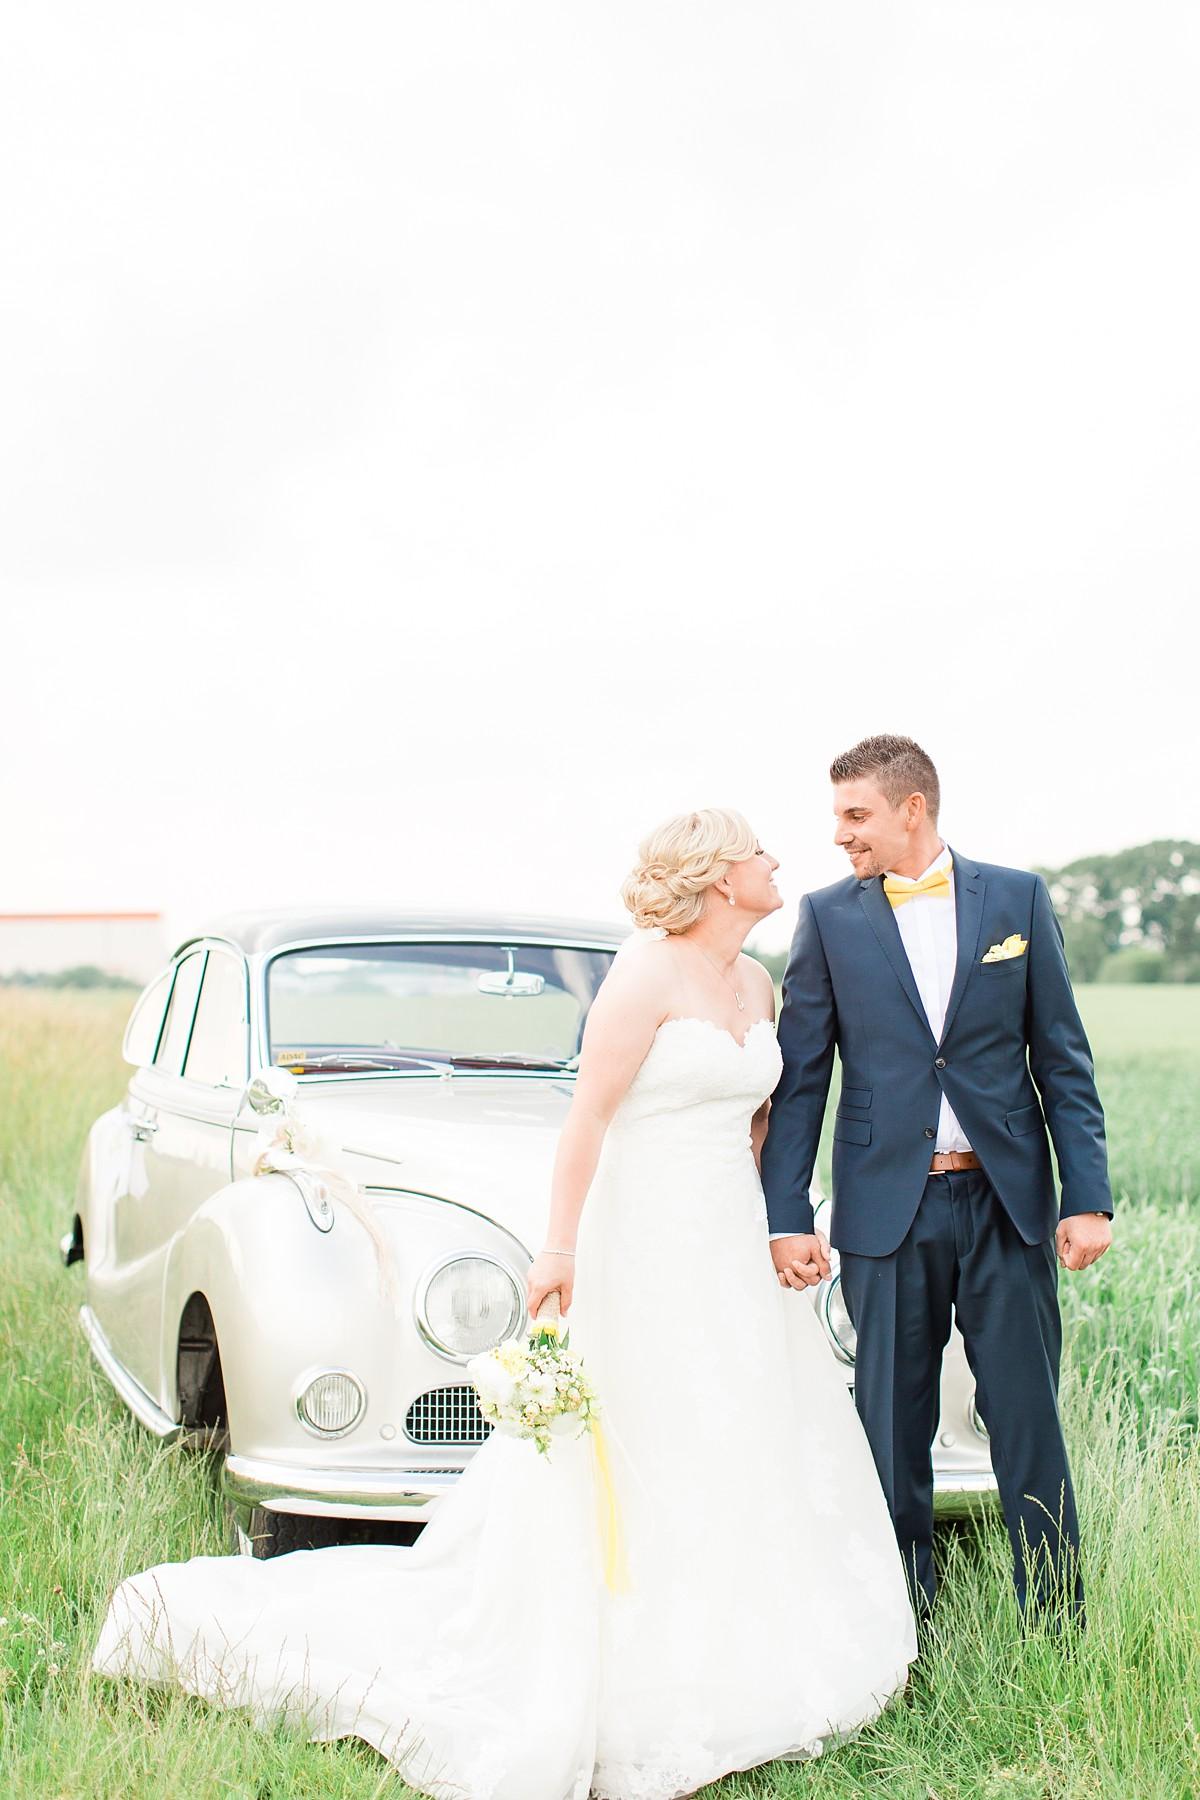 Hochzeitsfotograf-Bielefeld-Herford-2016-06_0277